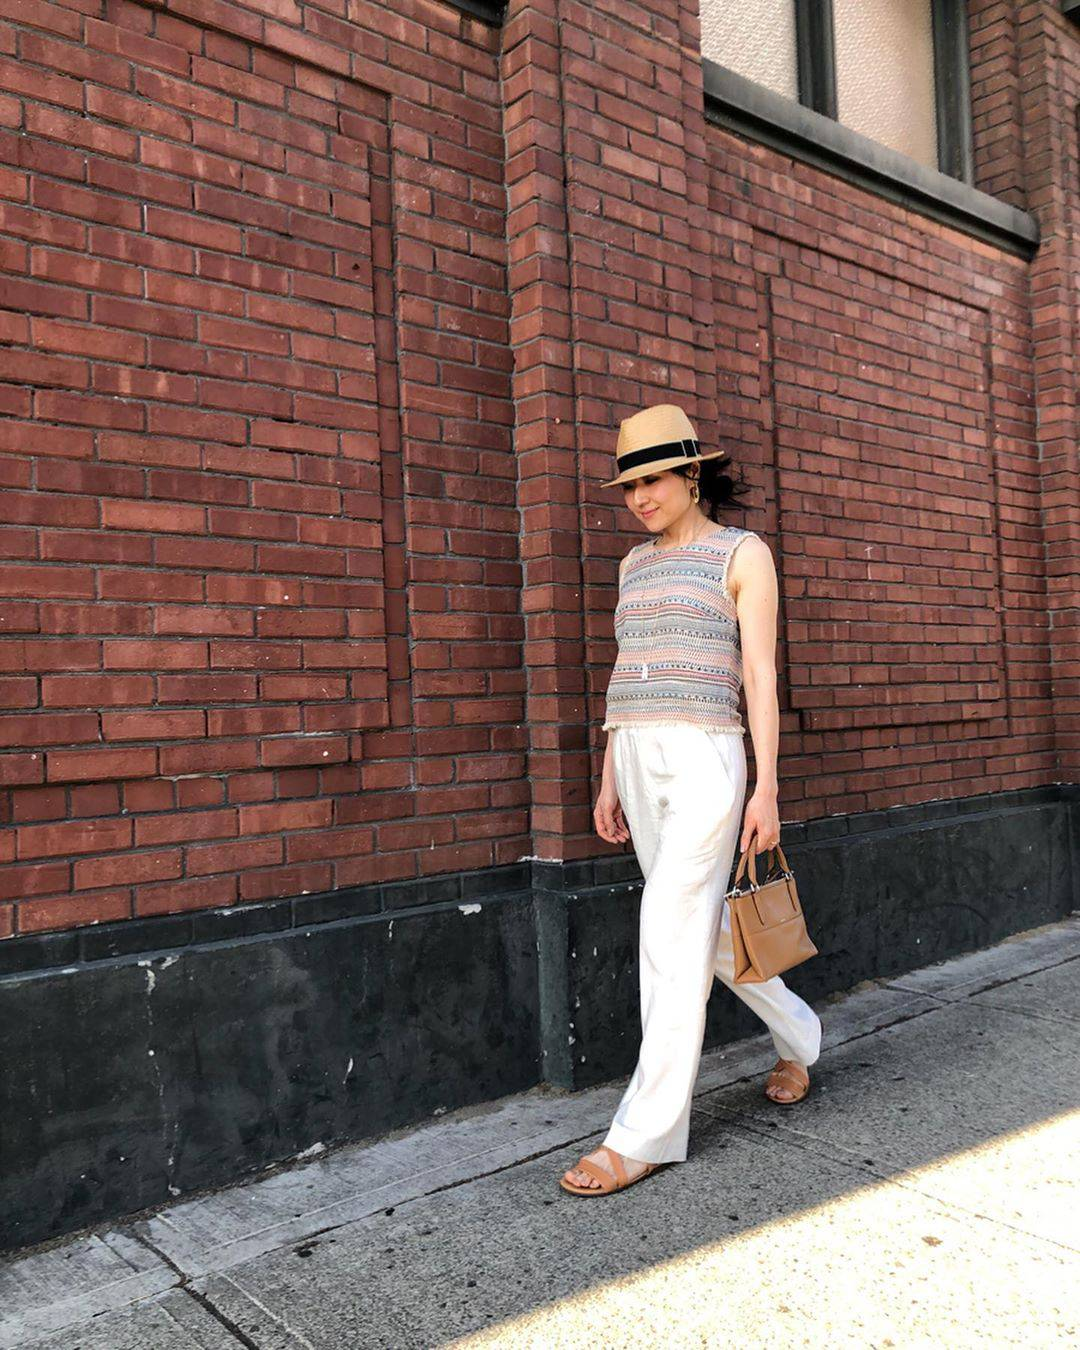 最高気温35度・最低気温27度 i.styleclosetの服装